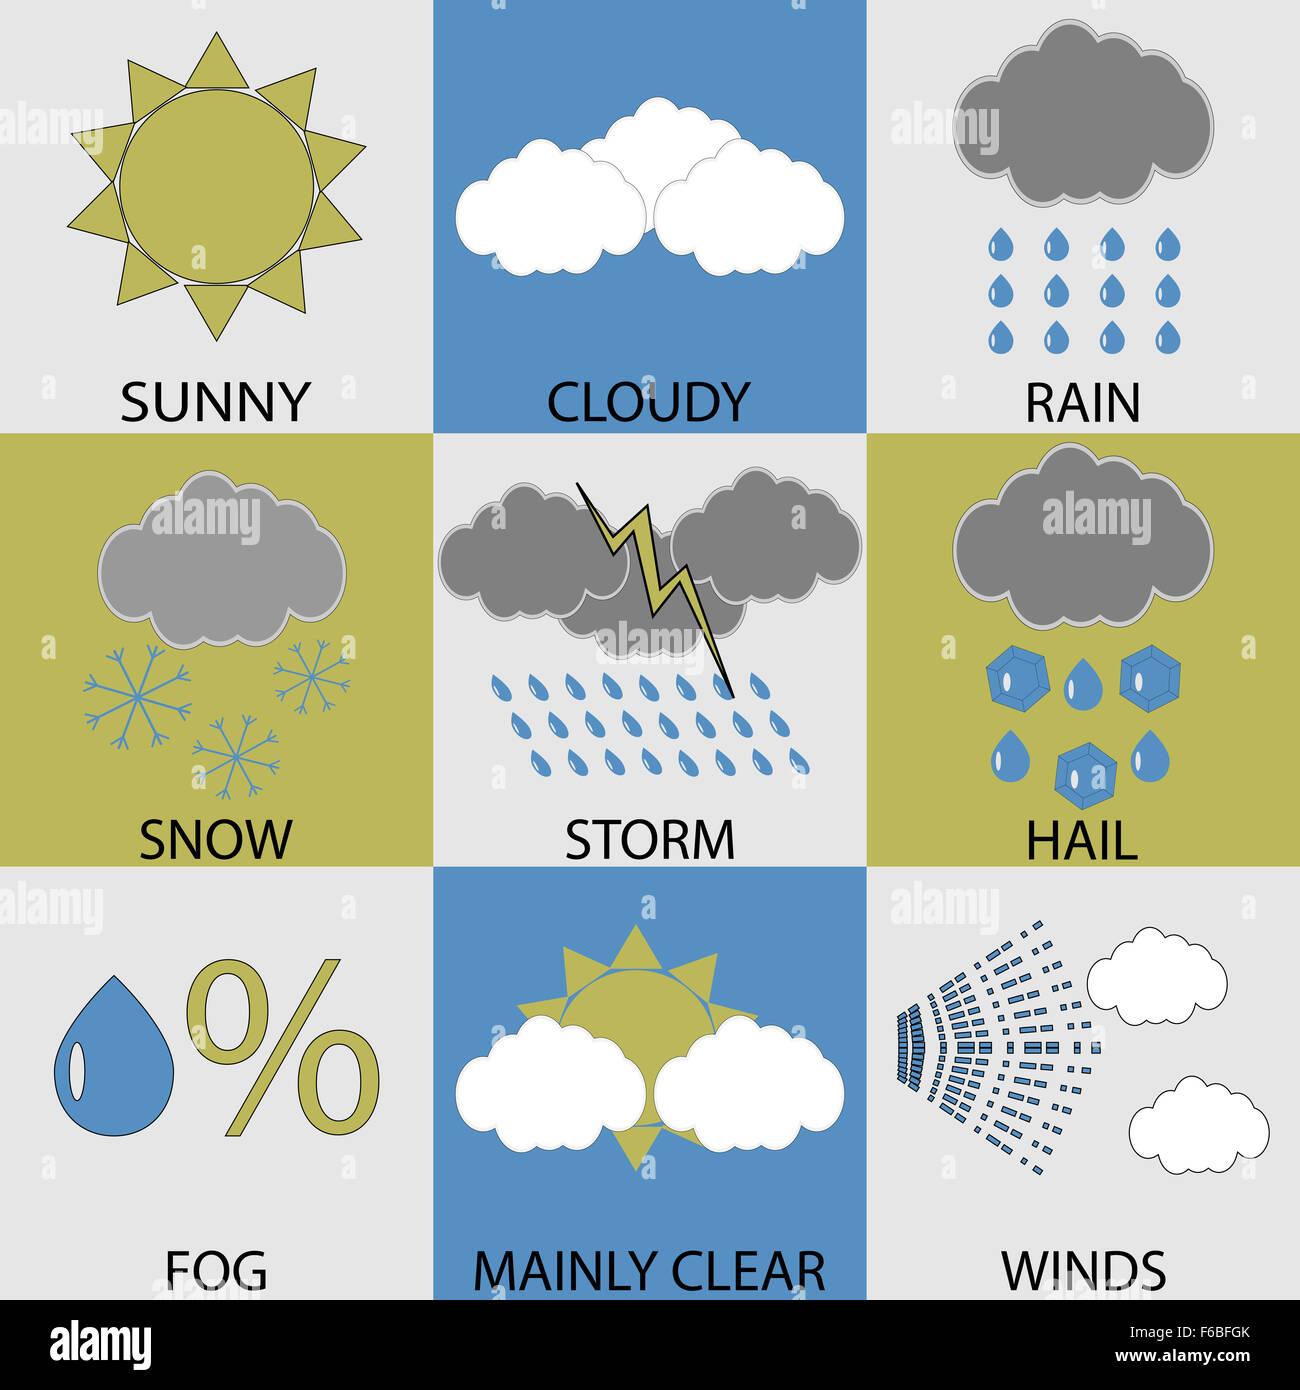 Wetter Icon Setzen Moderne Sonnig Und Bewolkt Regen Und